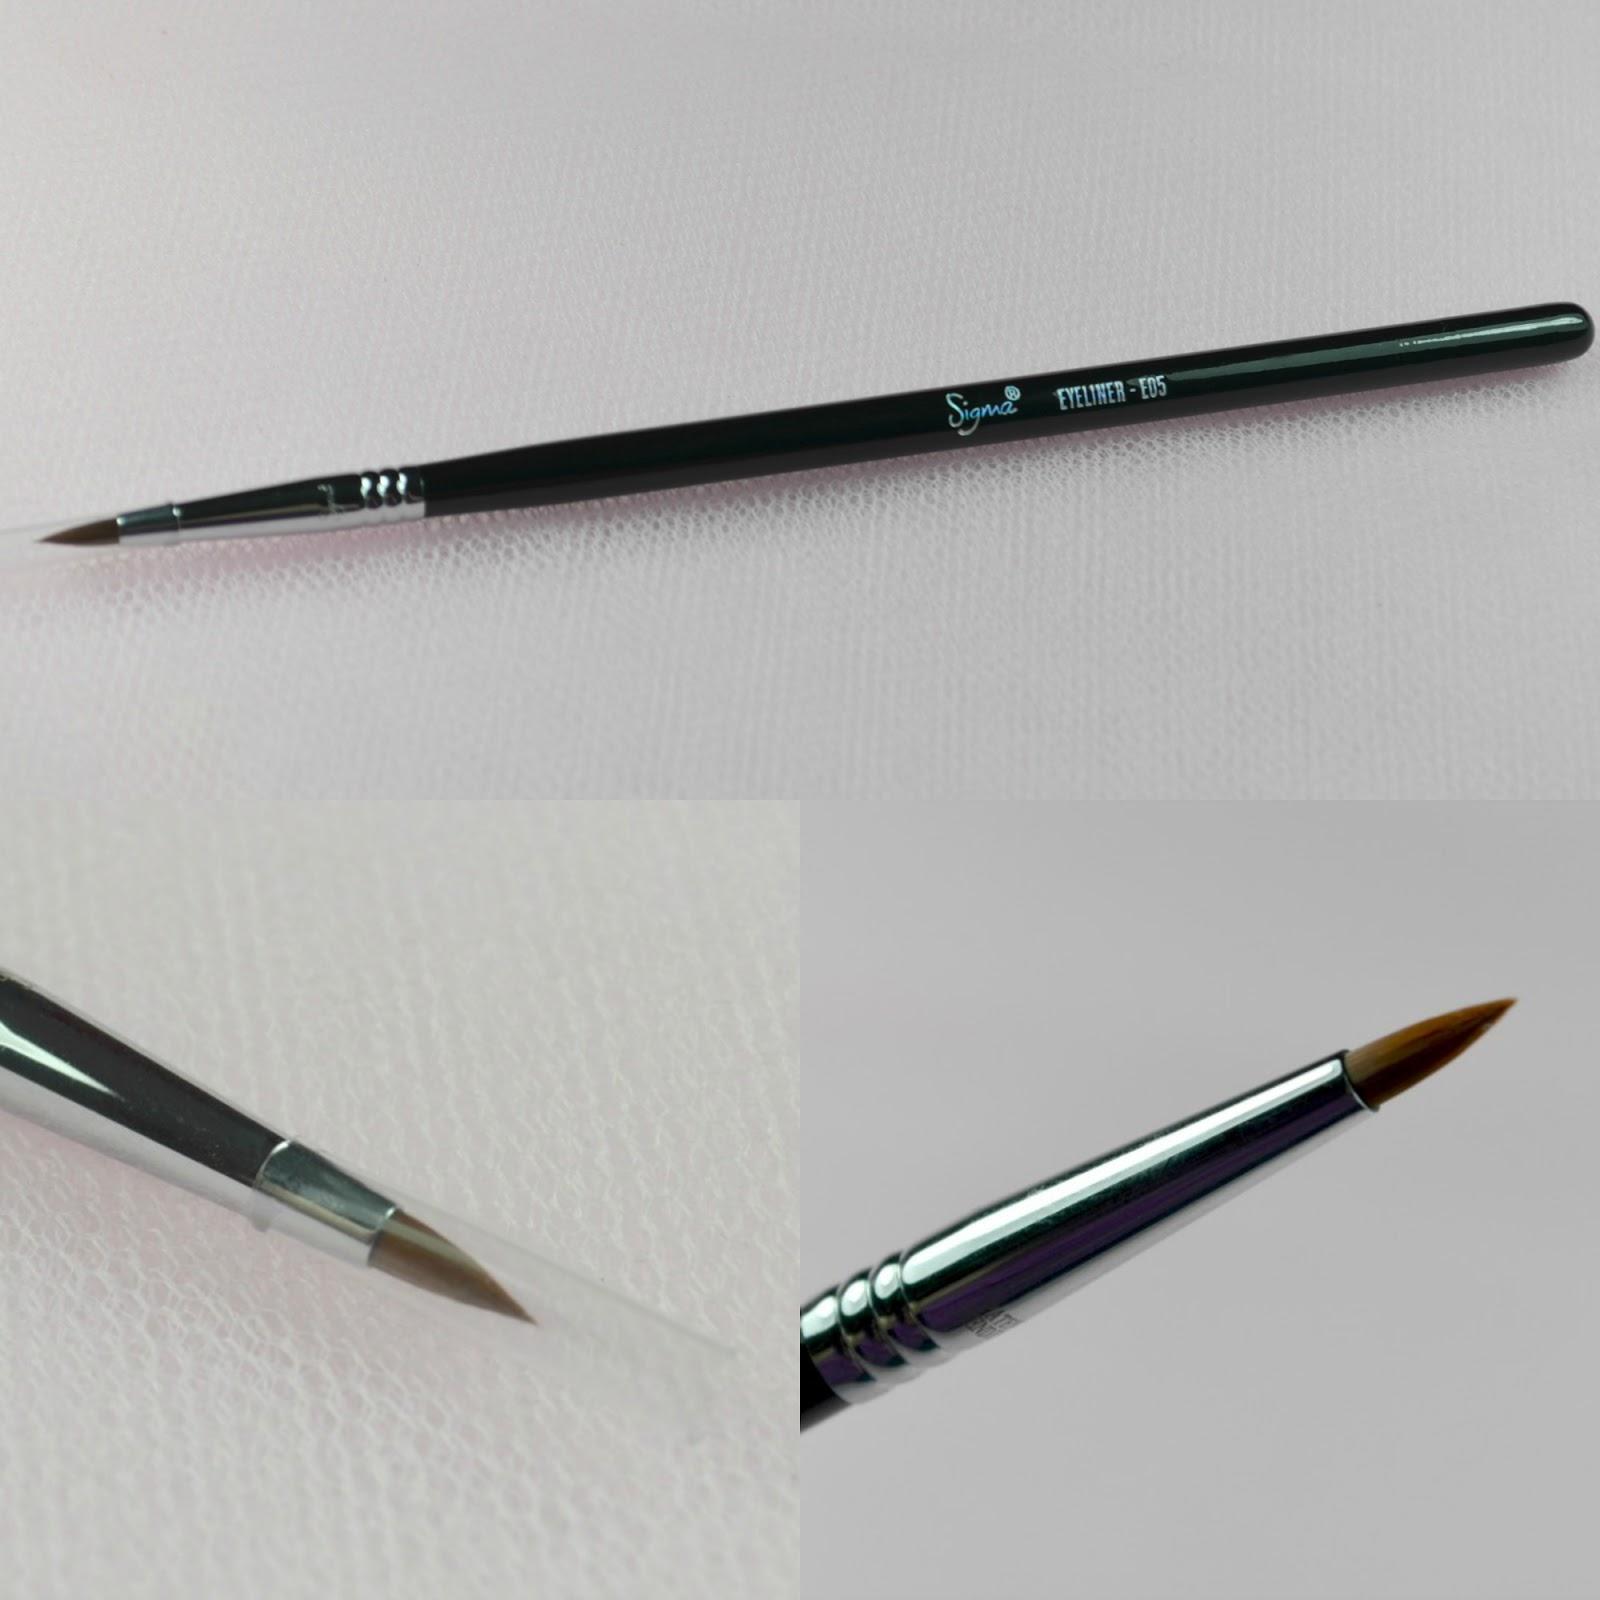 Thinnest Eyeliner Brush Sigma Eyeliner E05 Brush